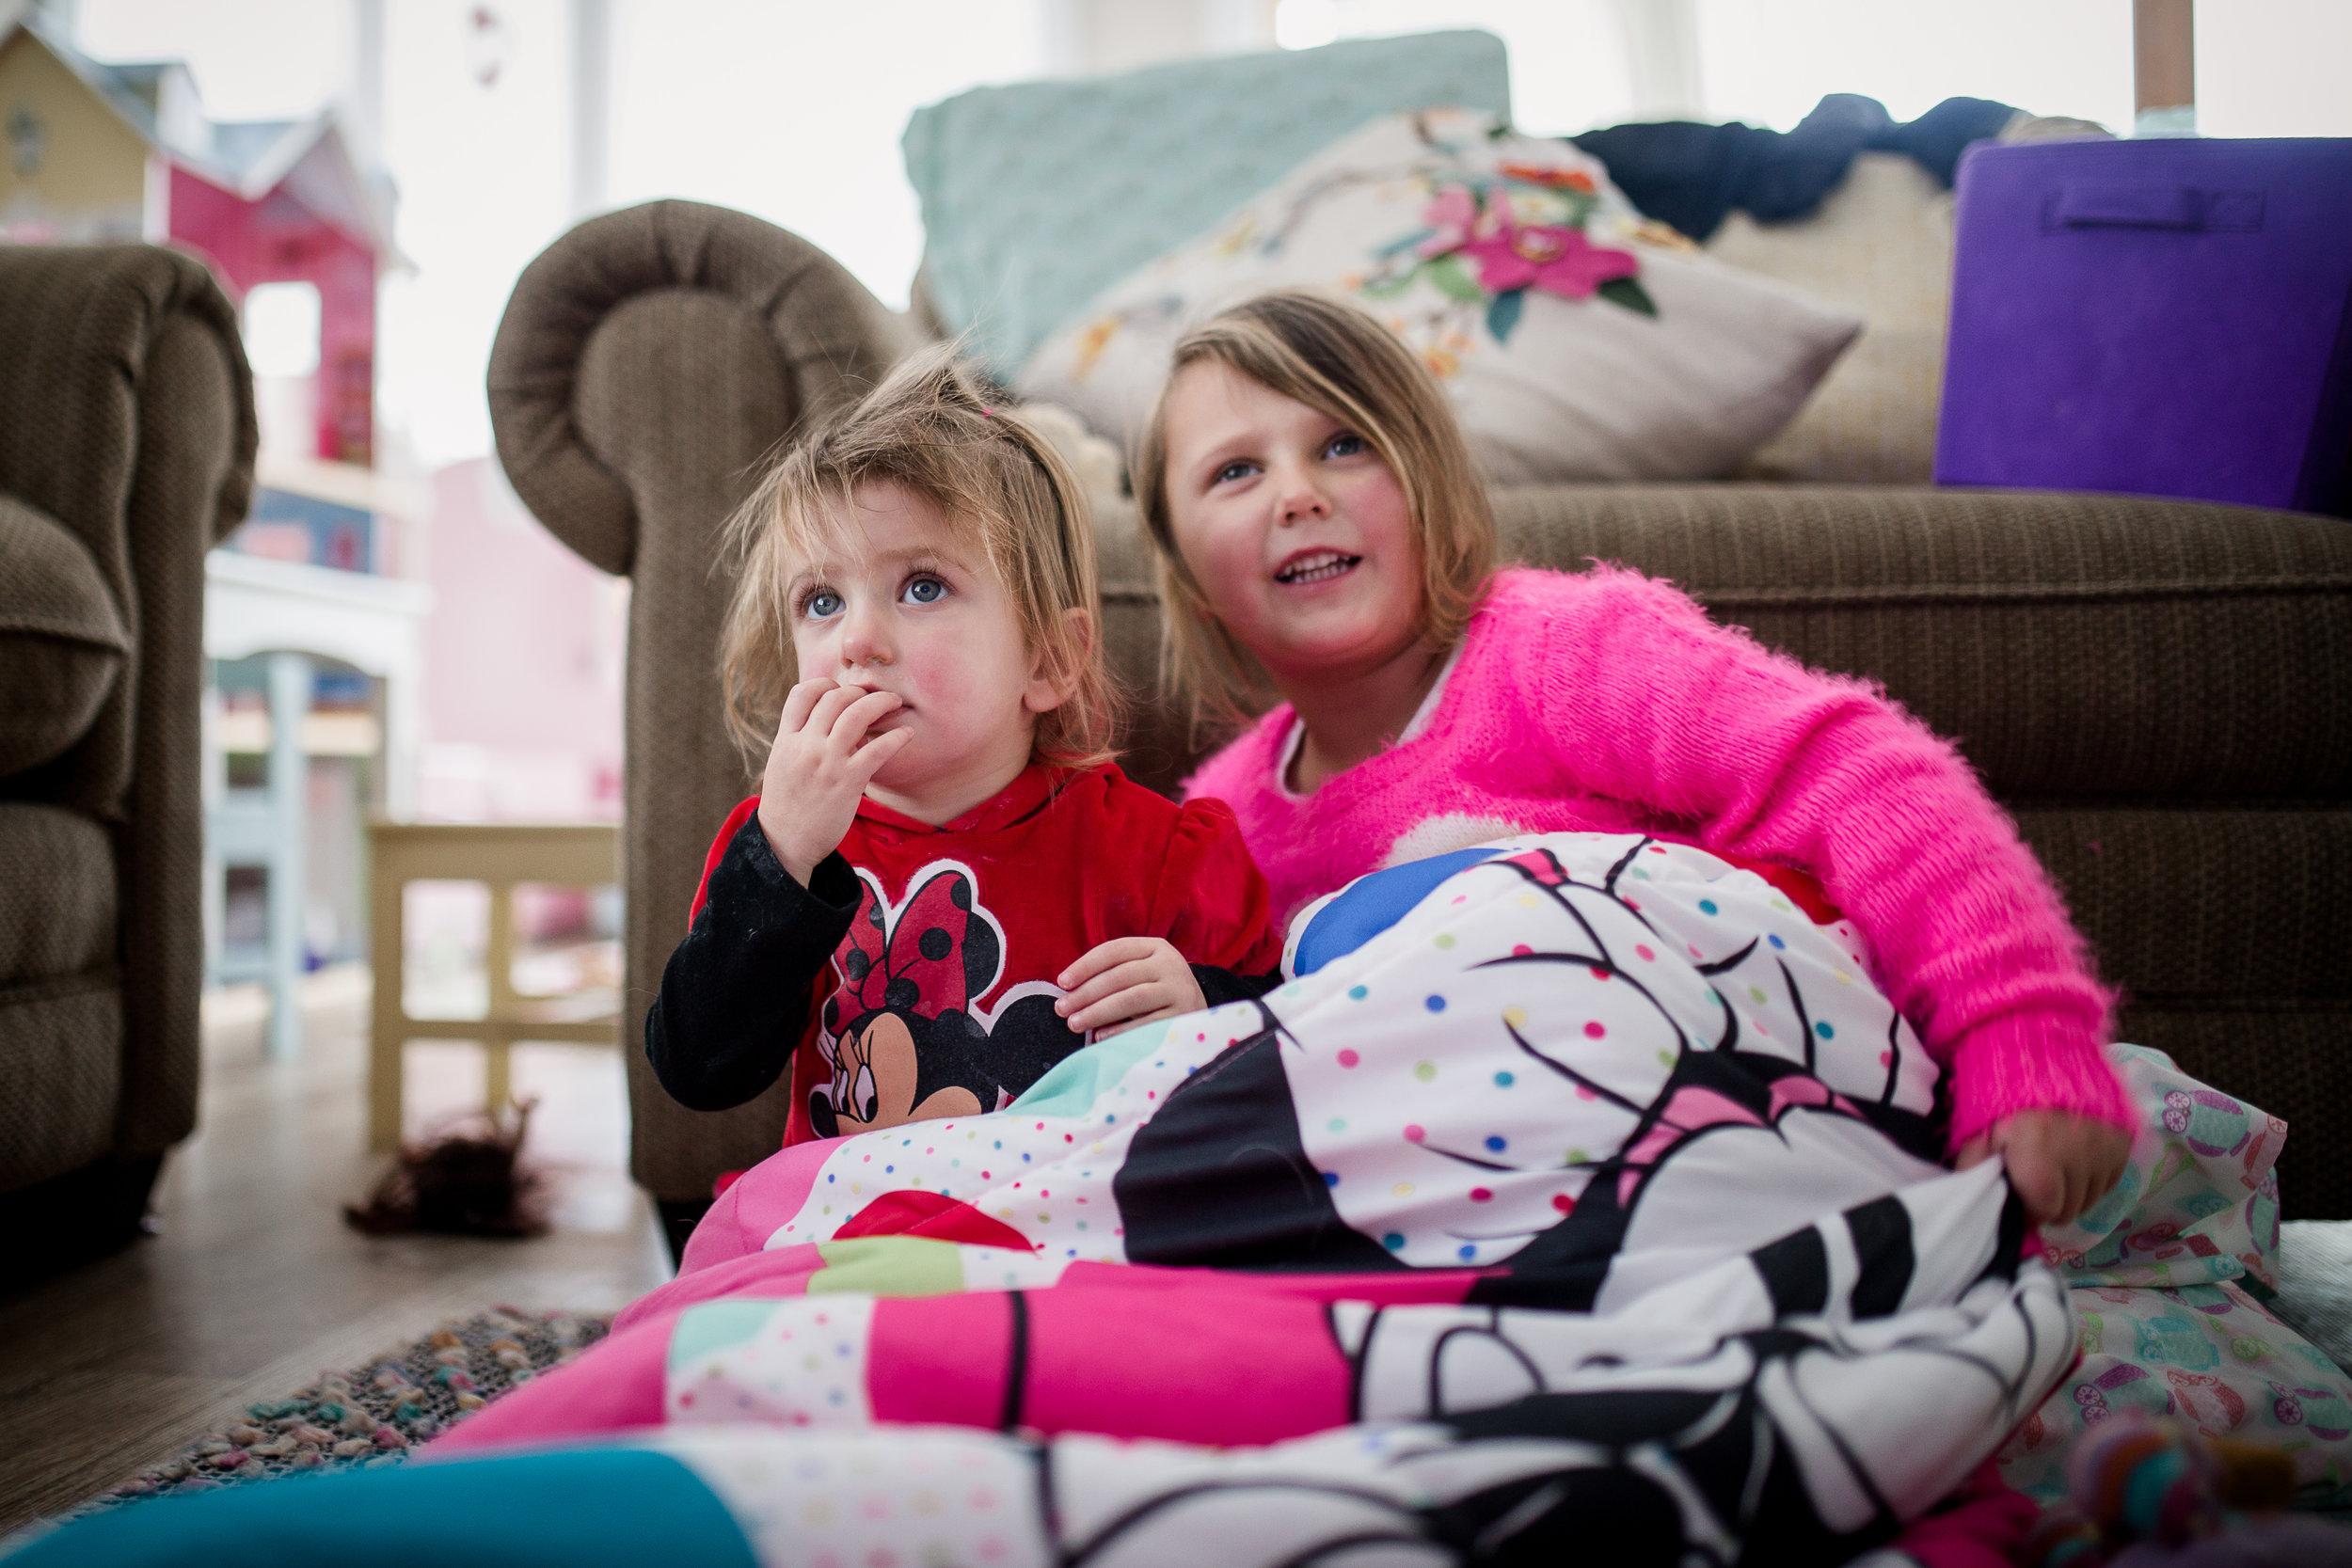 sisters in sleeping bag watching TV